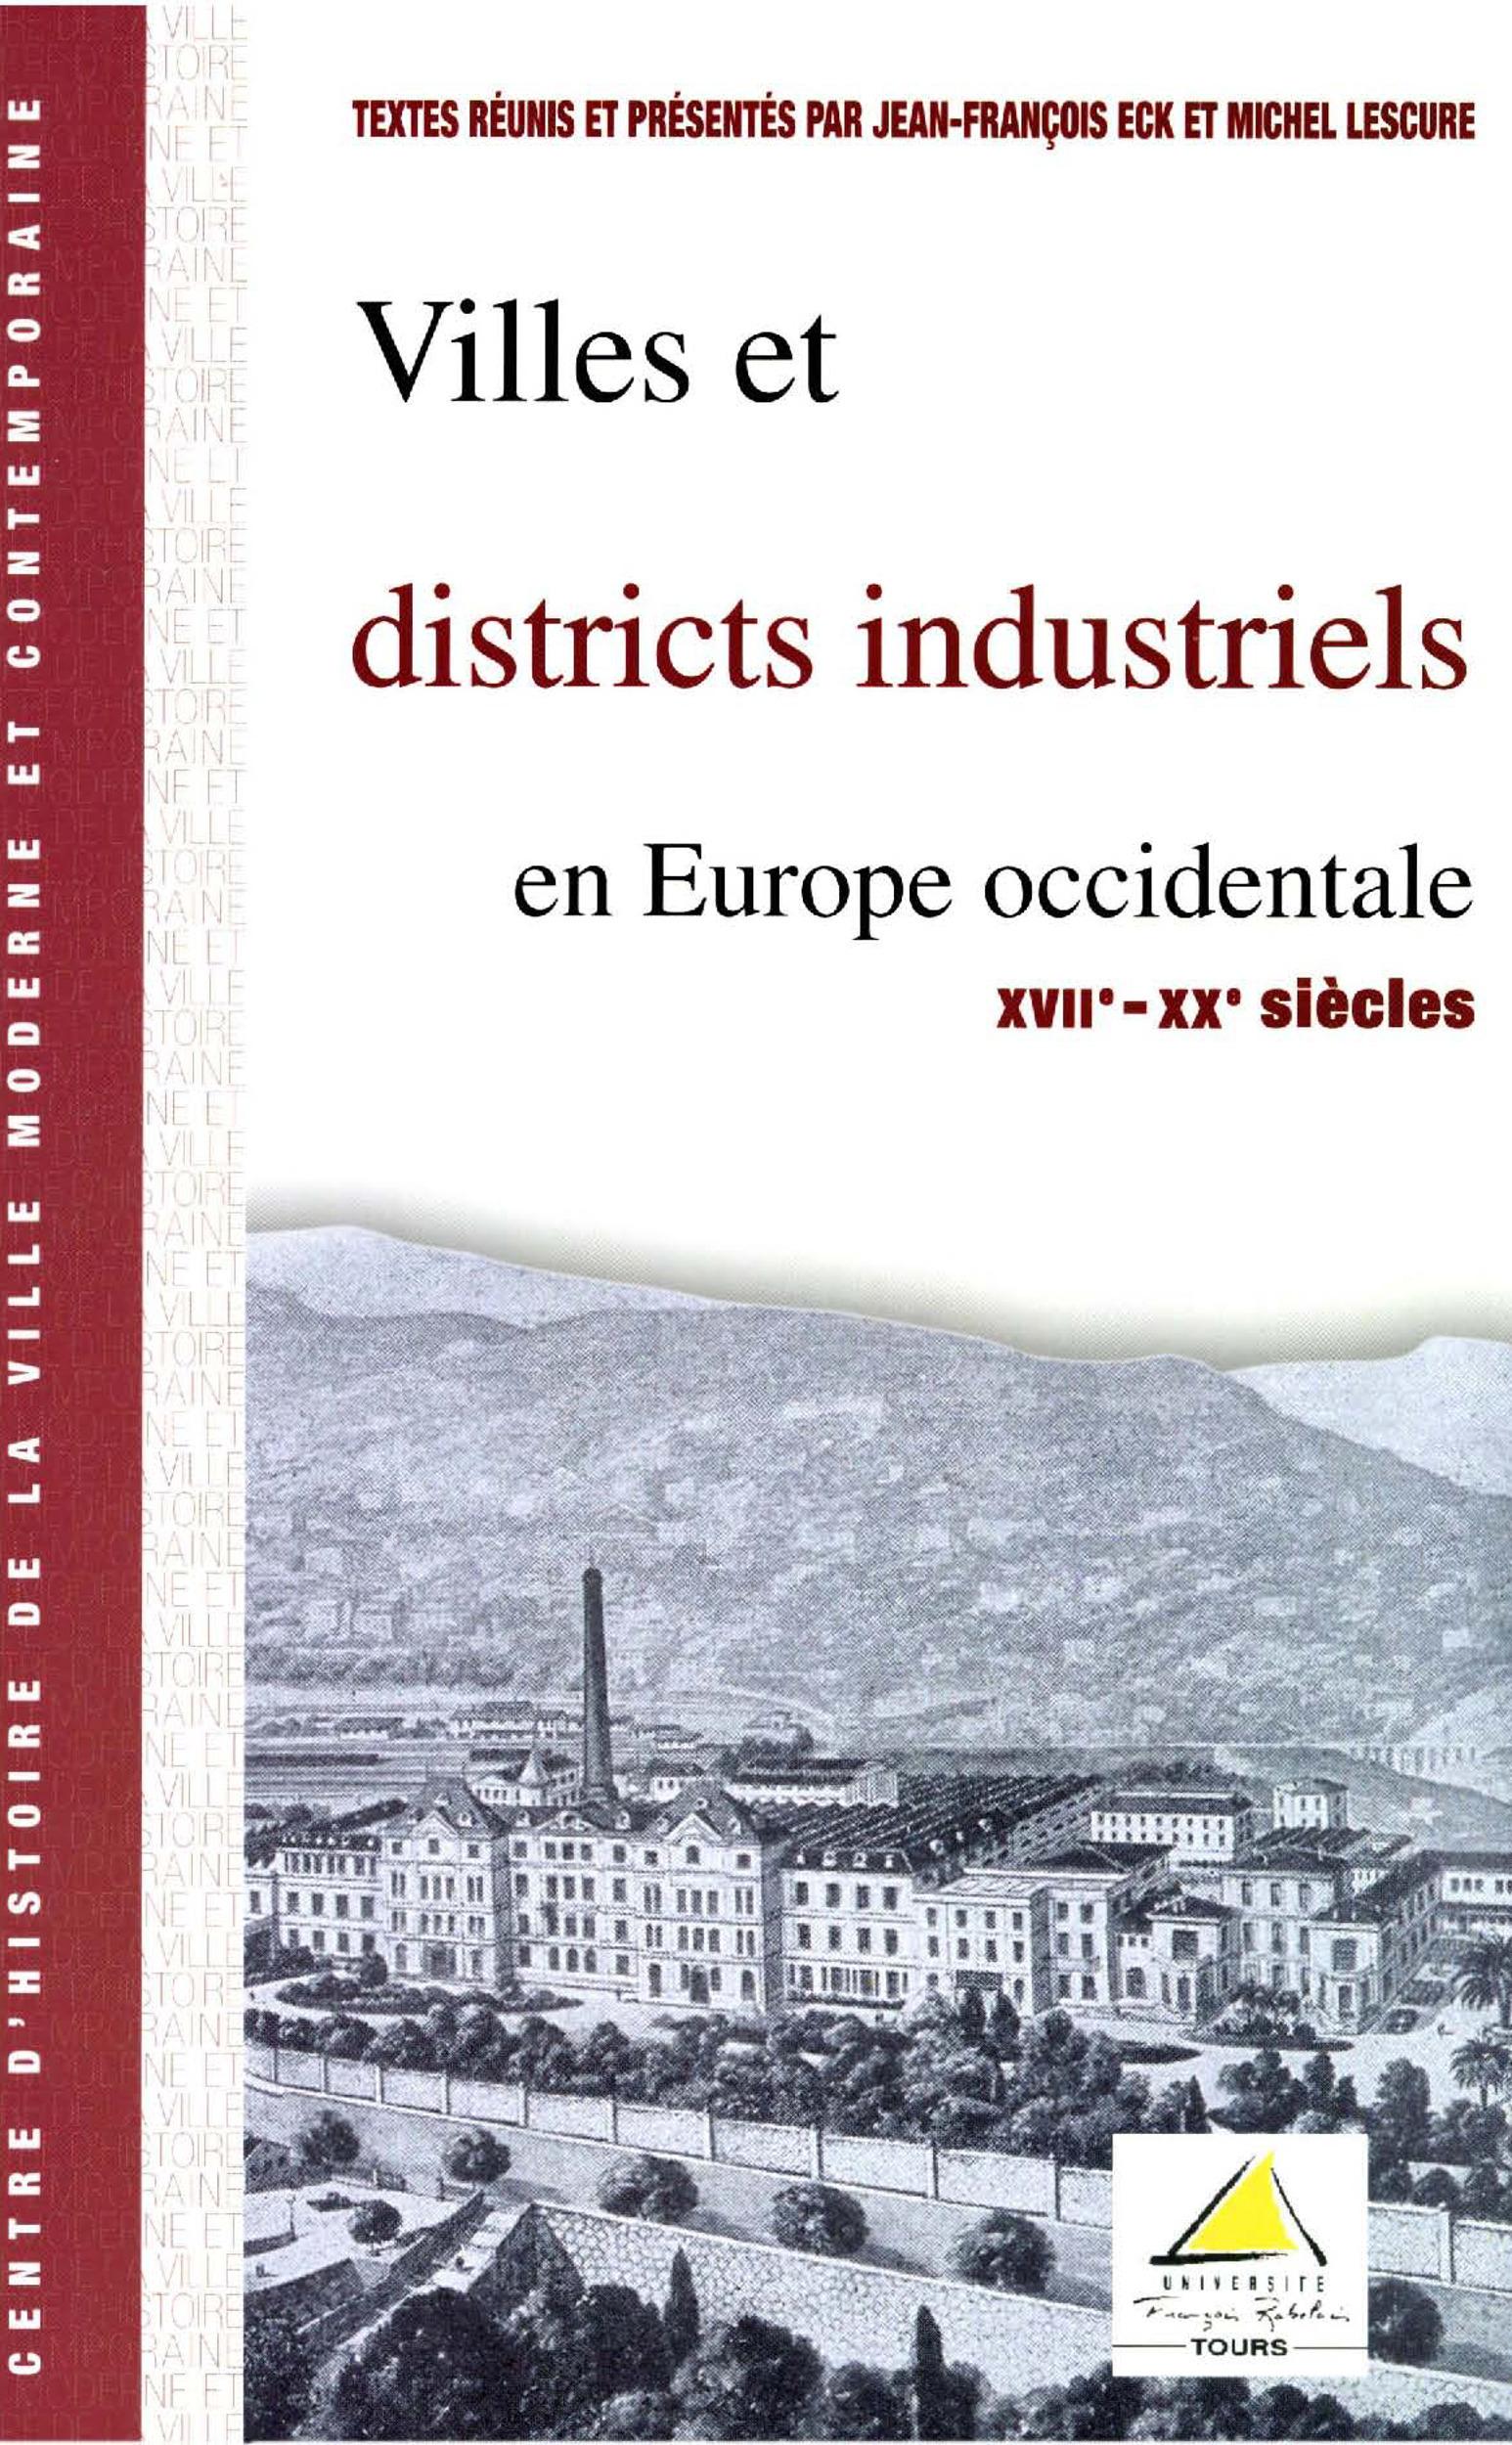 Villes et districts industriels en Europe occidentale, XVIIe-XXe siècles